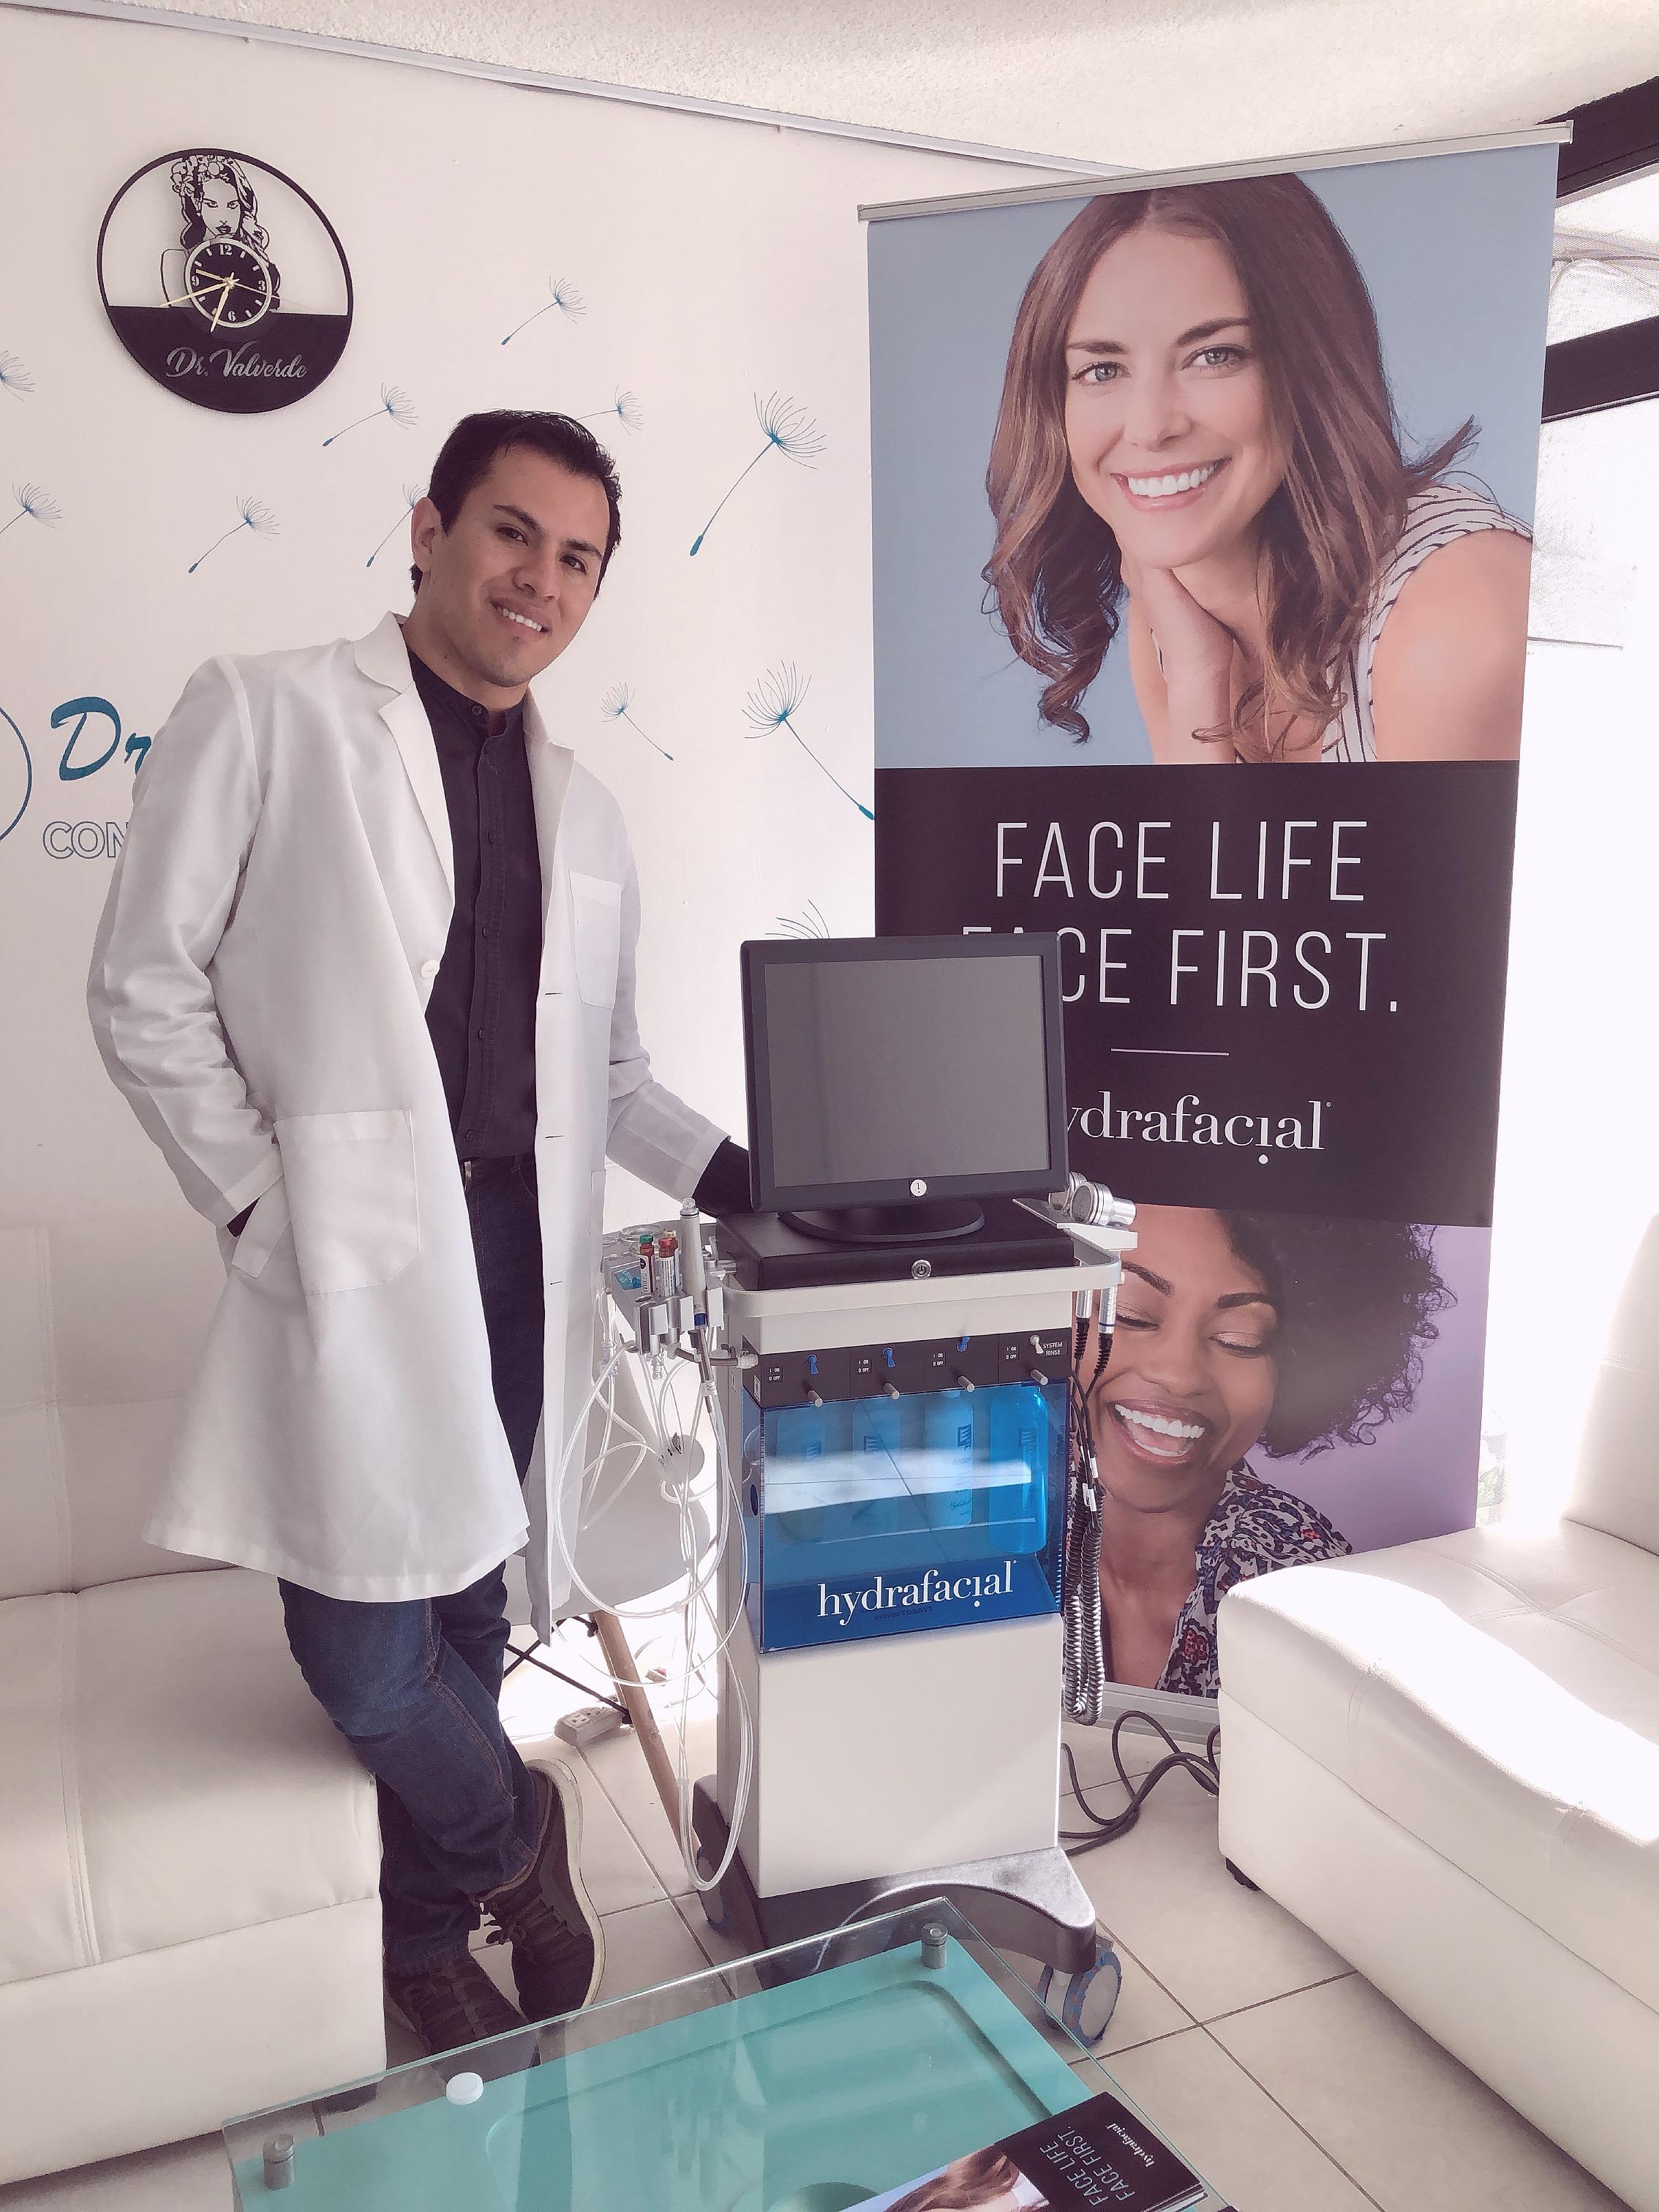 Dr Valverde